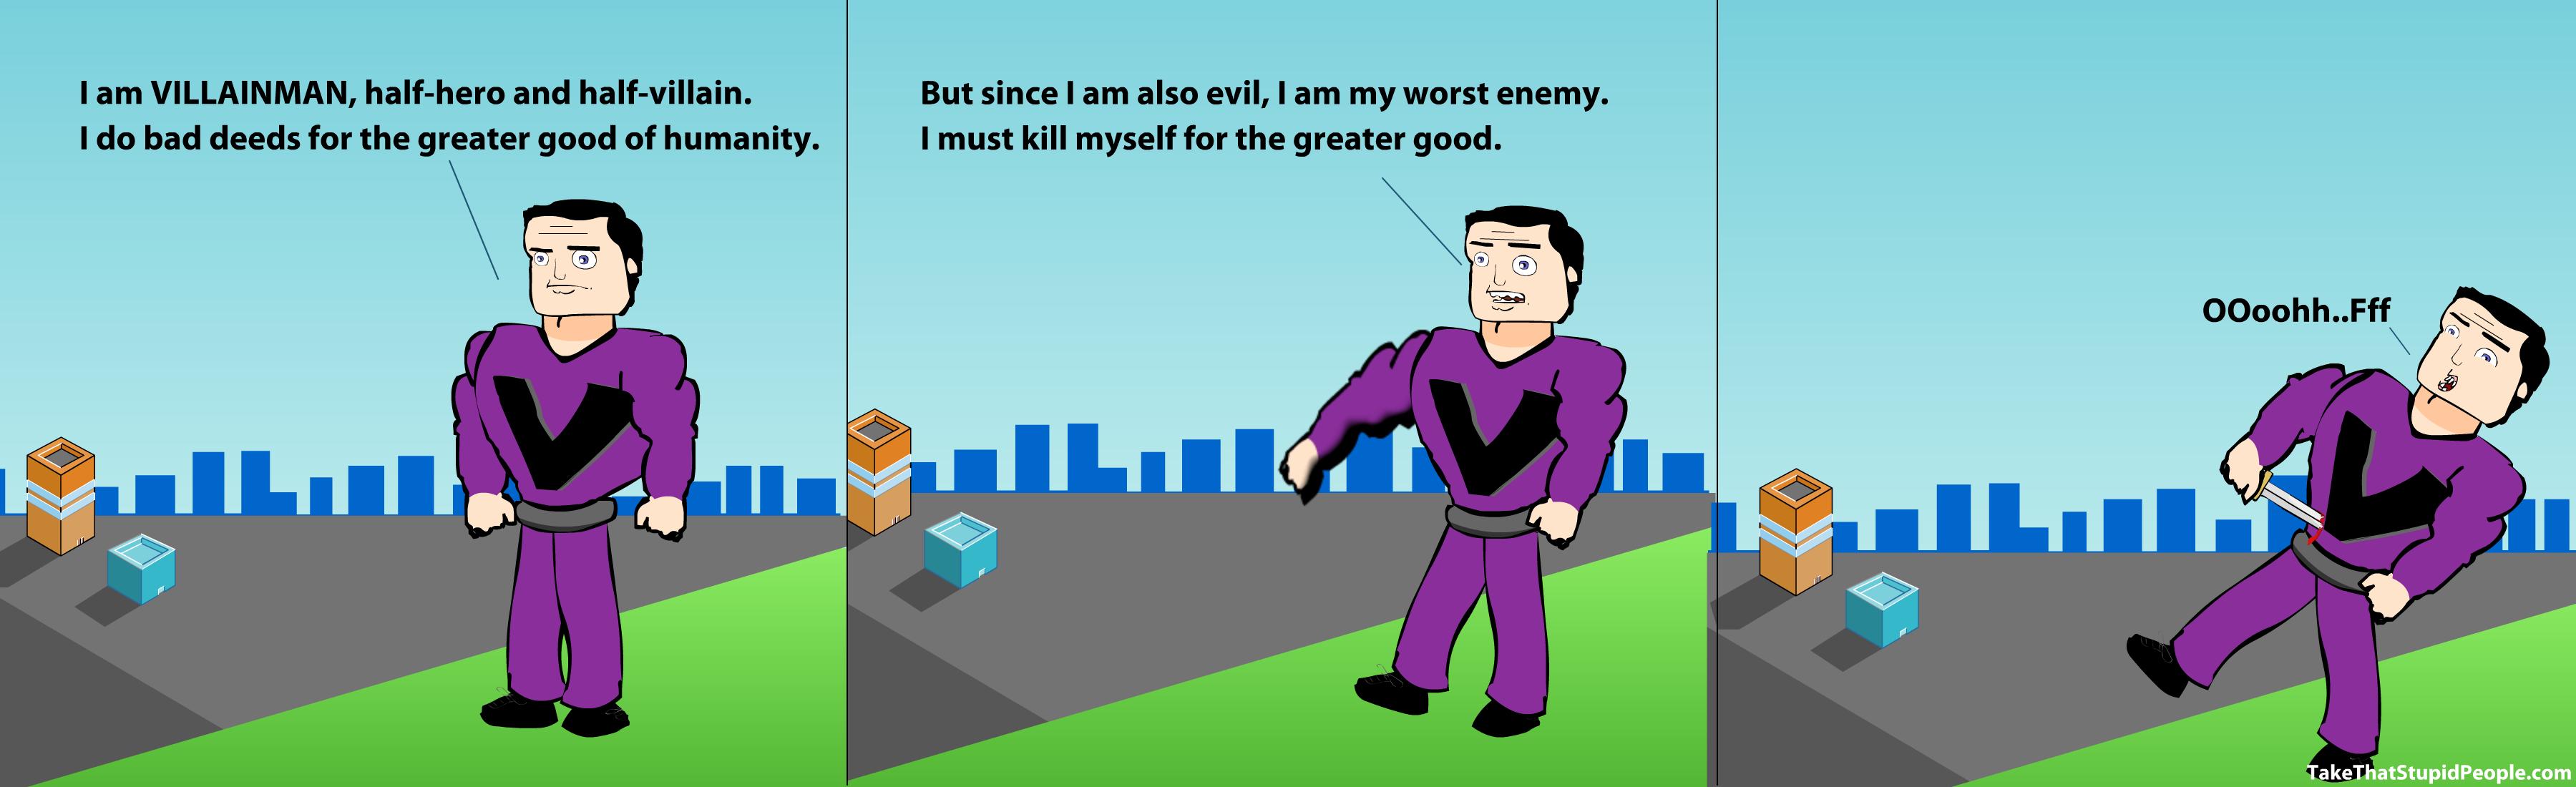 Villainman